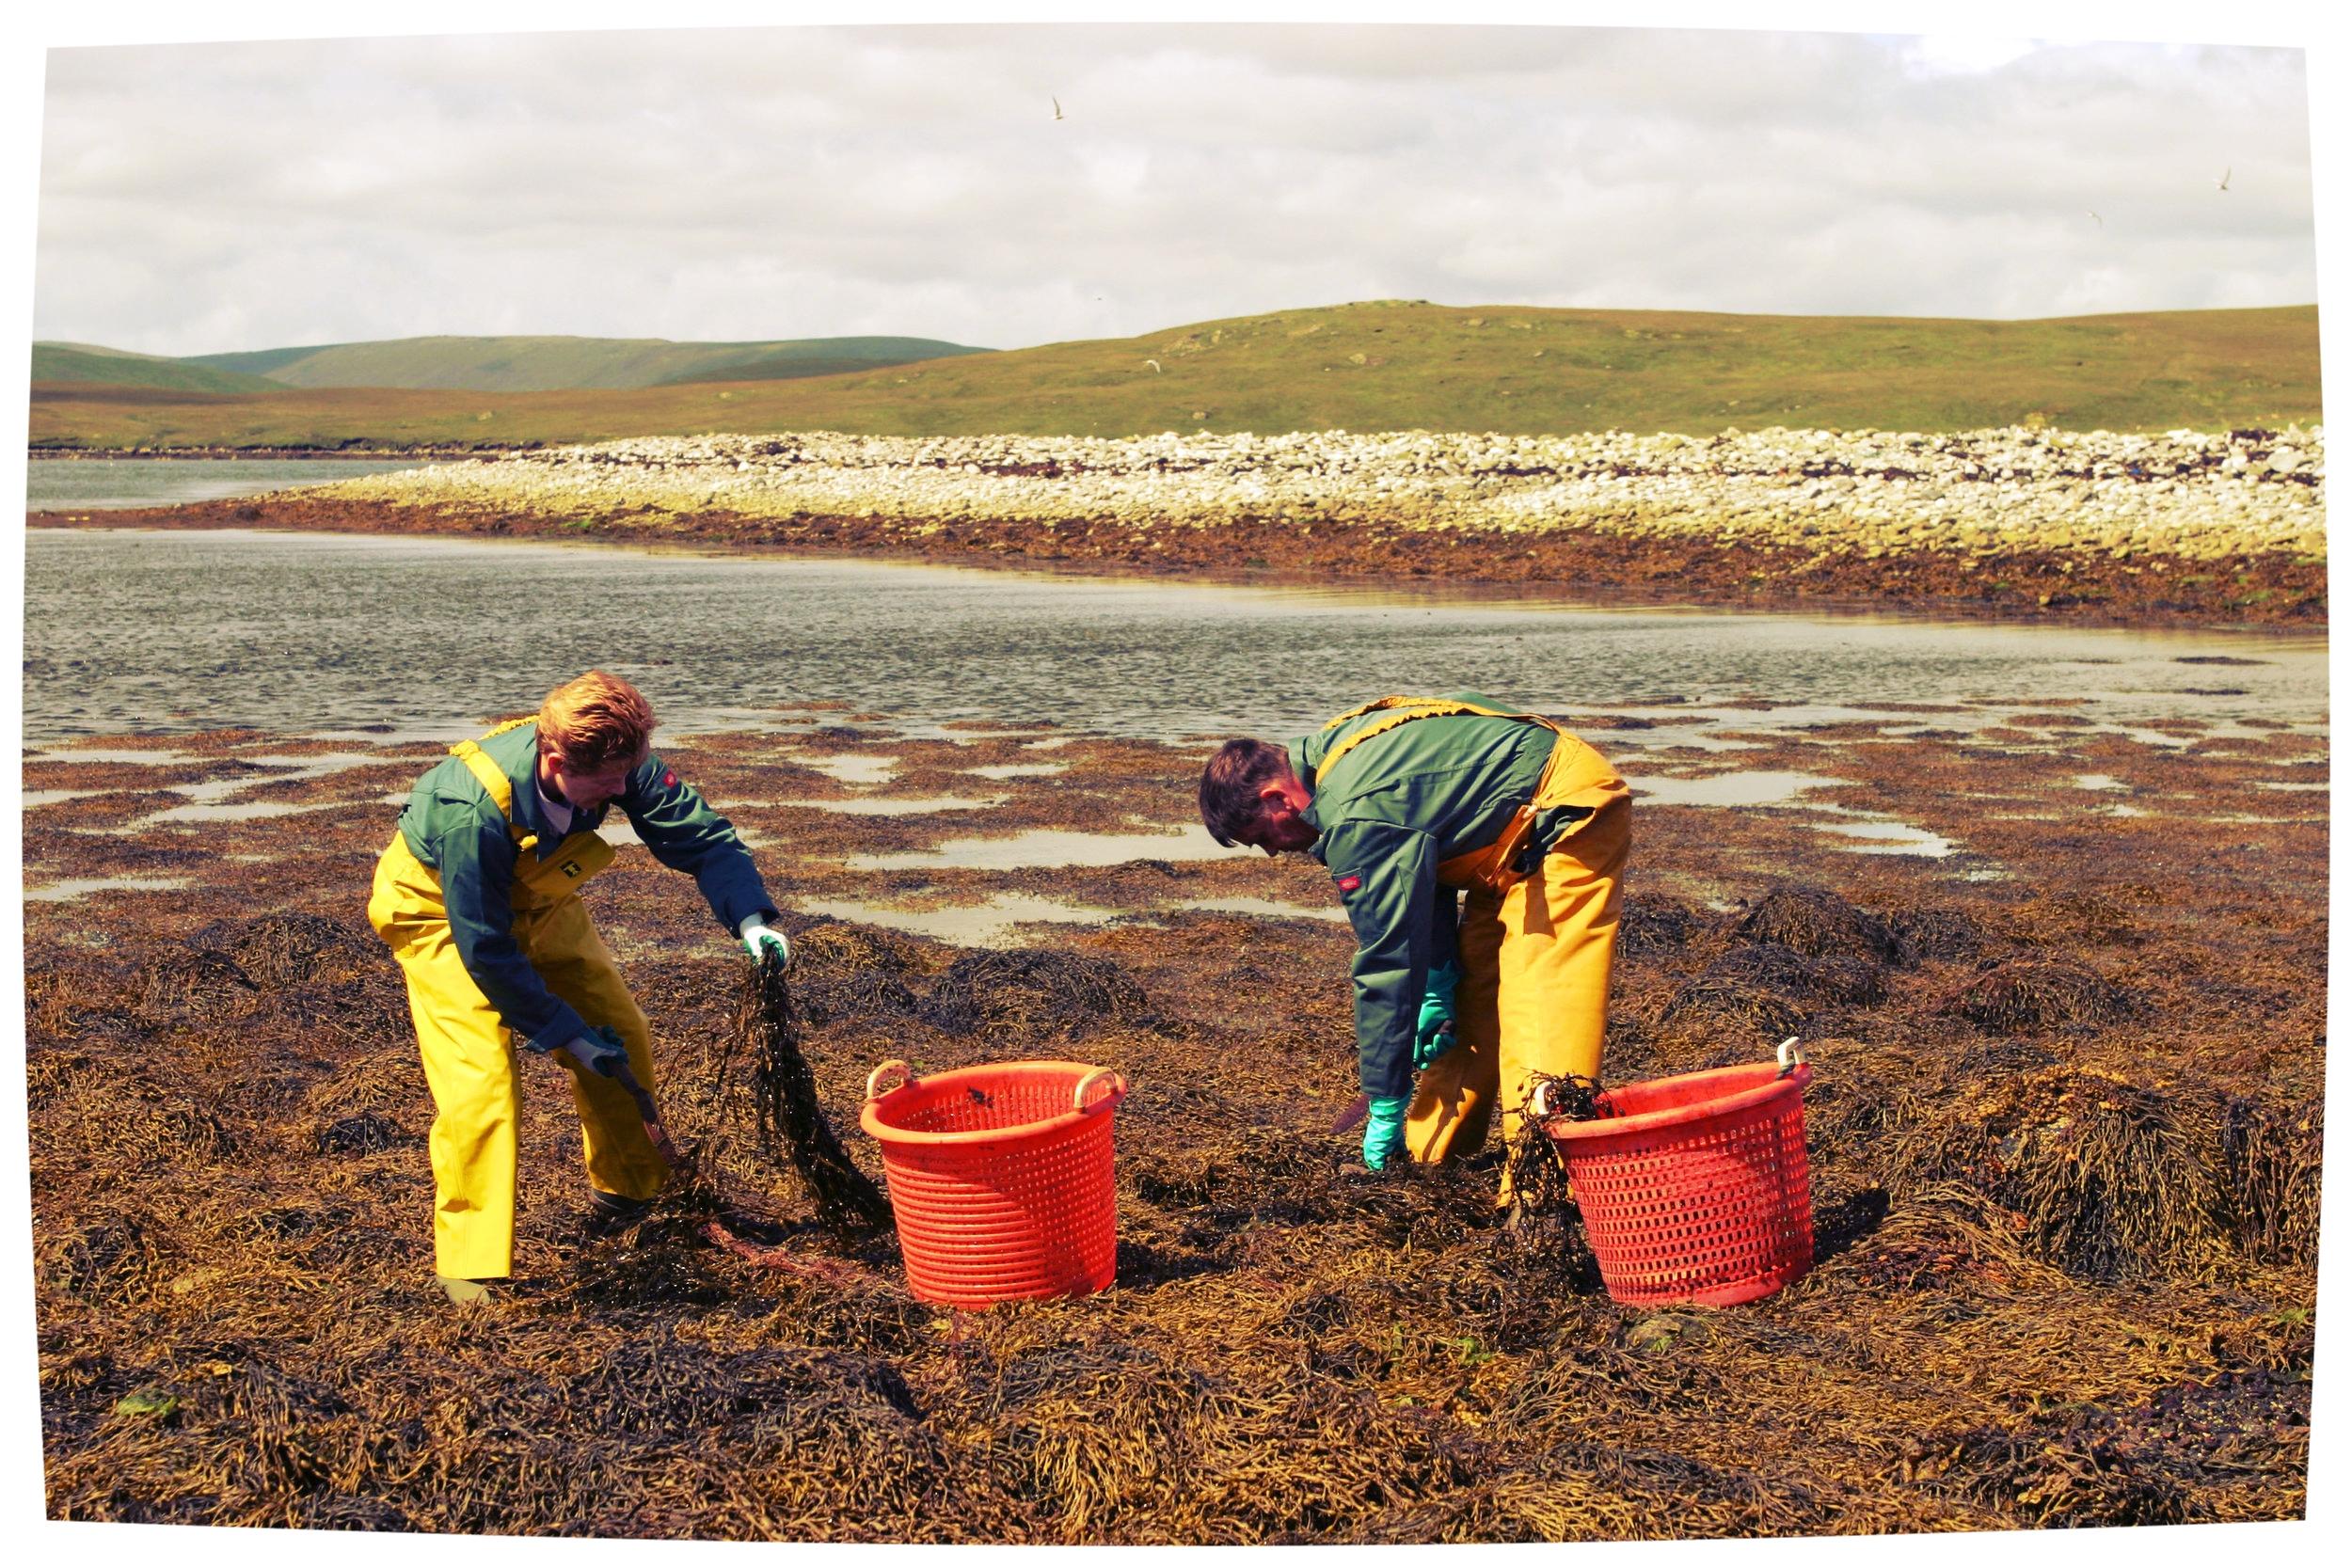 Harvesting-Seaweed_5507.jpg